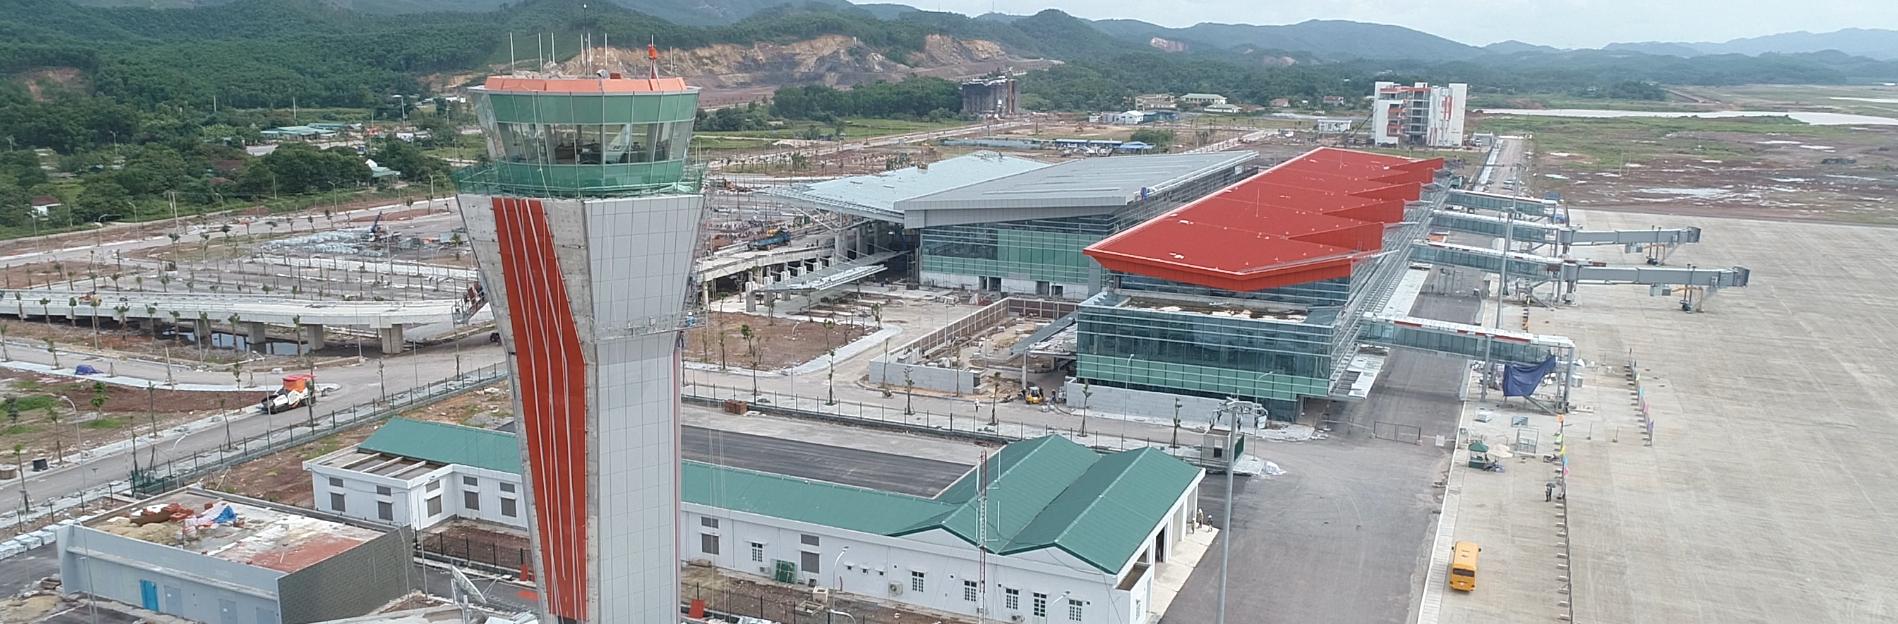 Cảng hàng không quốc tế Vân Đồn-Quảng Ninh